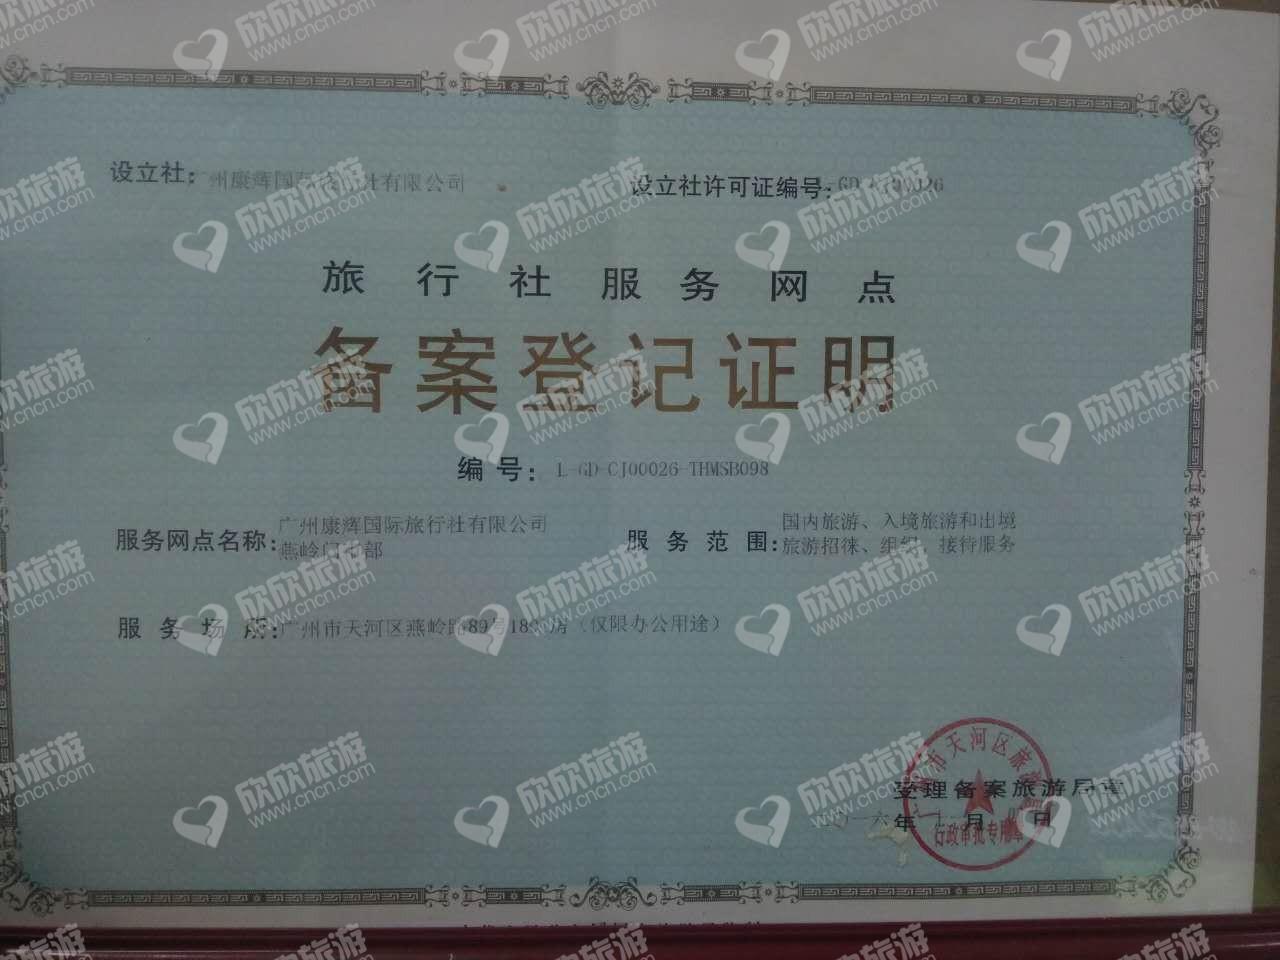 广州康辉国际旅行社有限公司燕岭门市部经营许可证